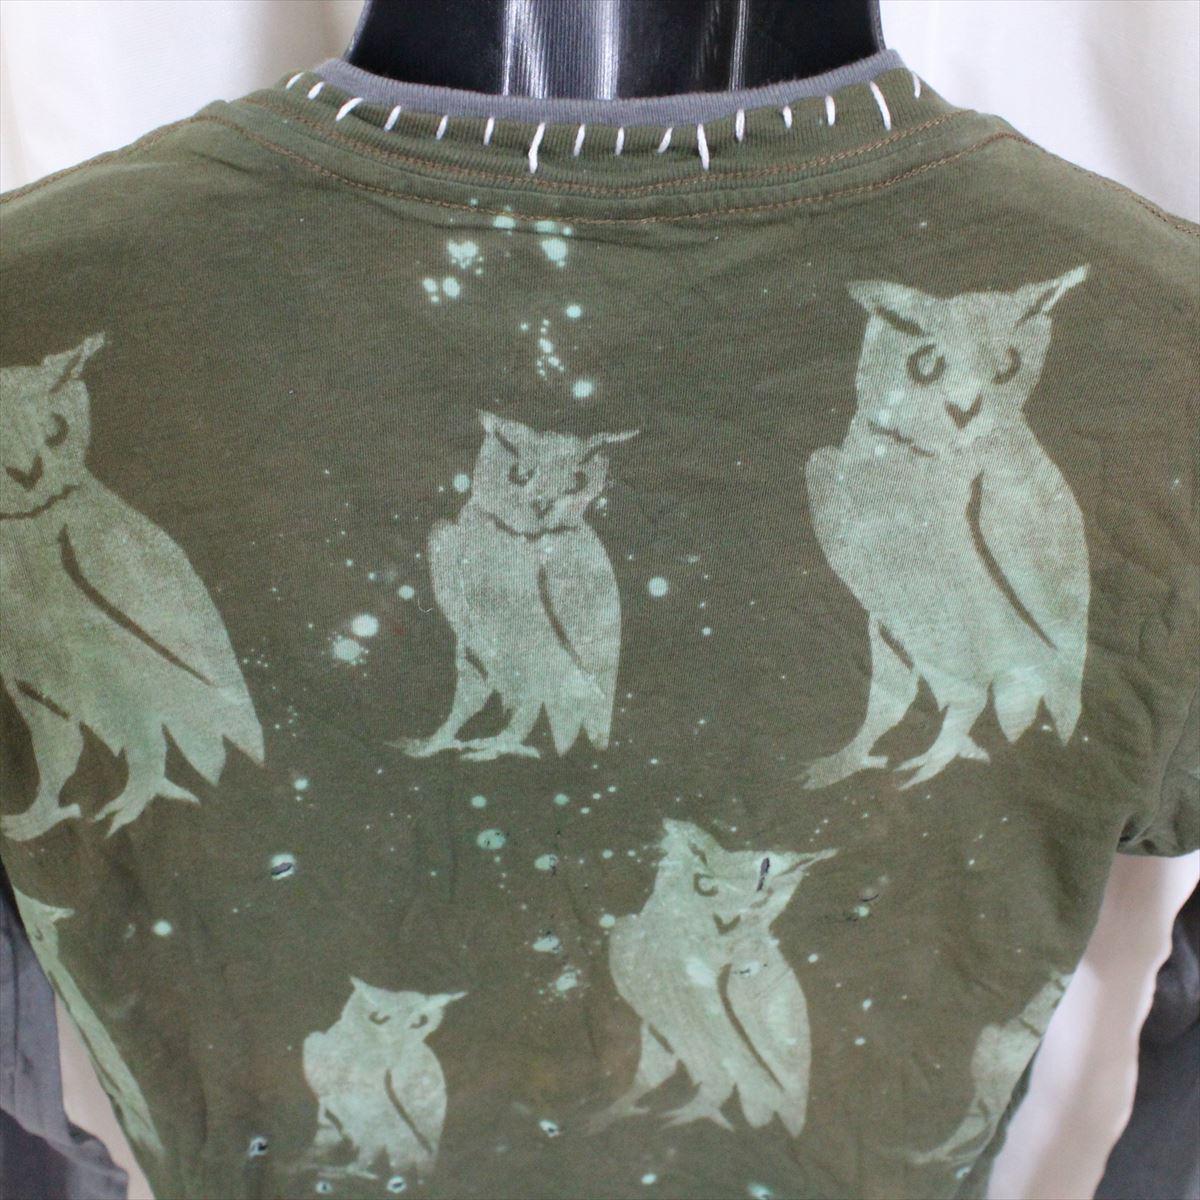 アイコニック ICONIC COUTURE メンズ長袖Tシャツ カーキグリーン Sサイズ 新品 ダブルスリーブ フクロウ アメリカ製_画像5